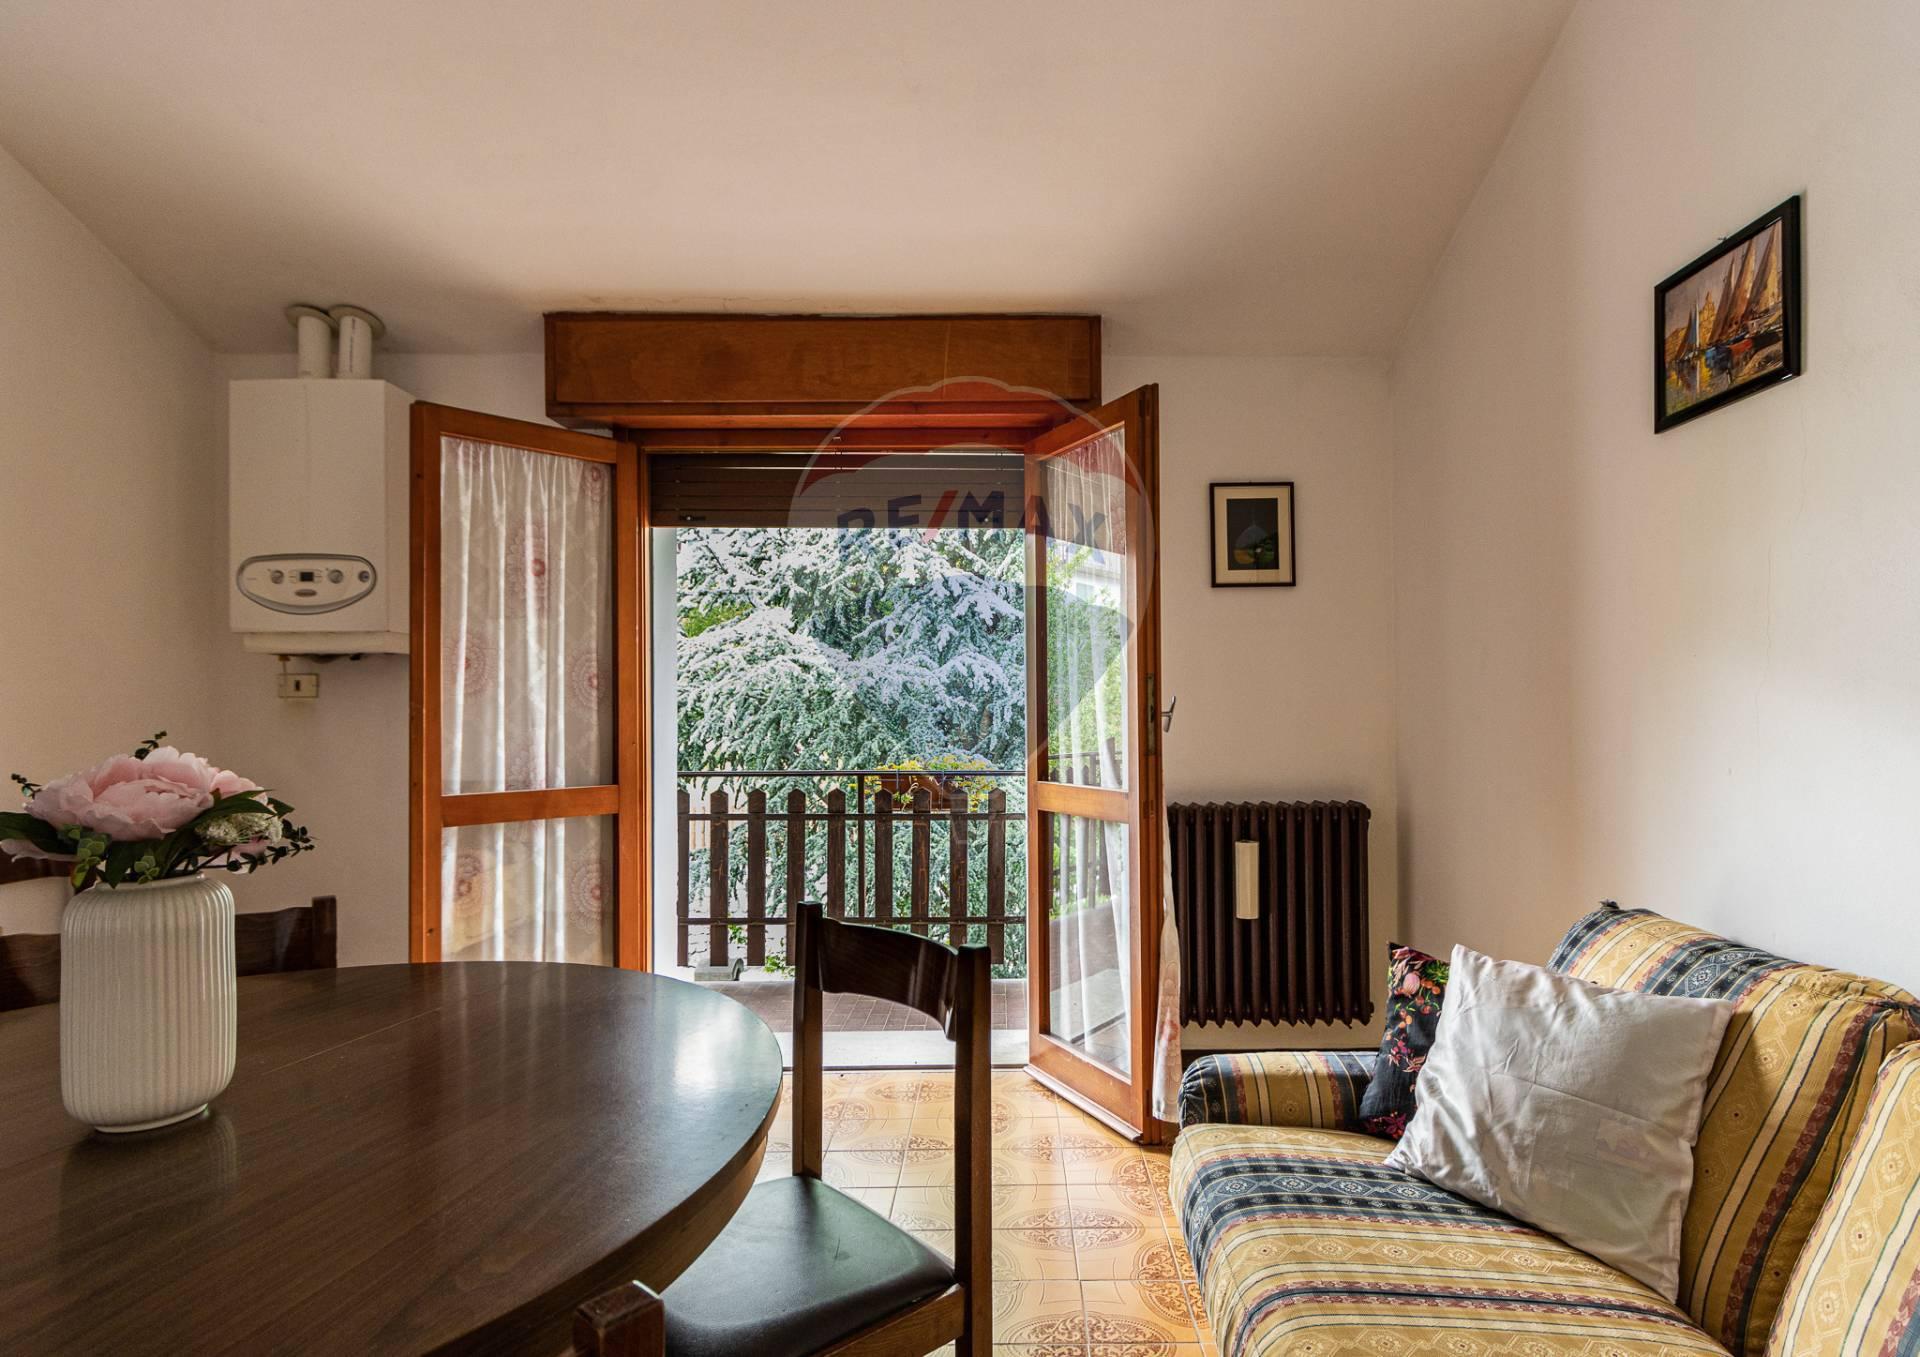 Appartamento in vendita a Aviatico, 2 locali, zona Zona: Ama, prezzo € 60.000 | CambioCasa.it